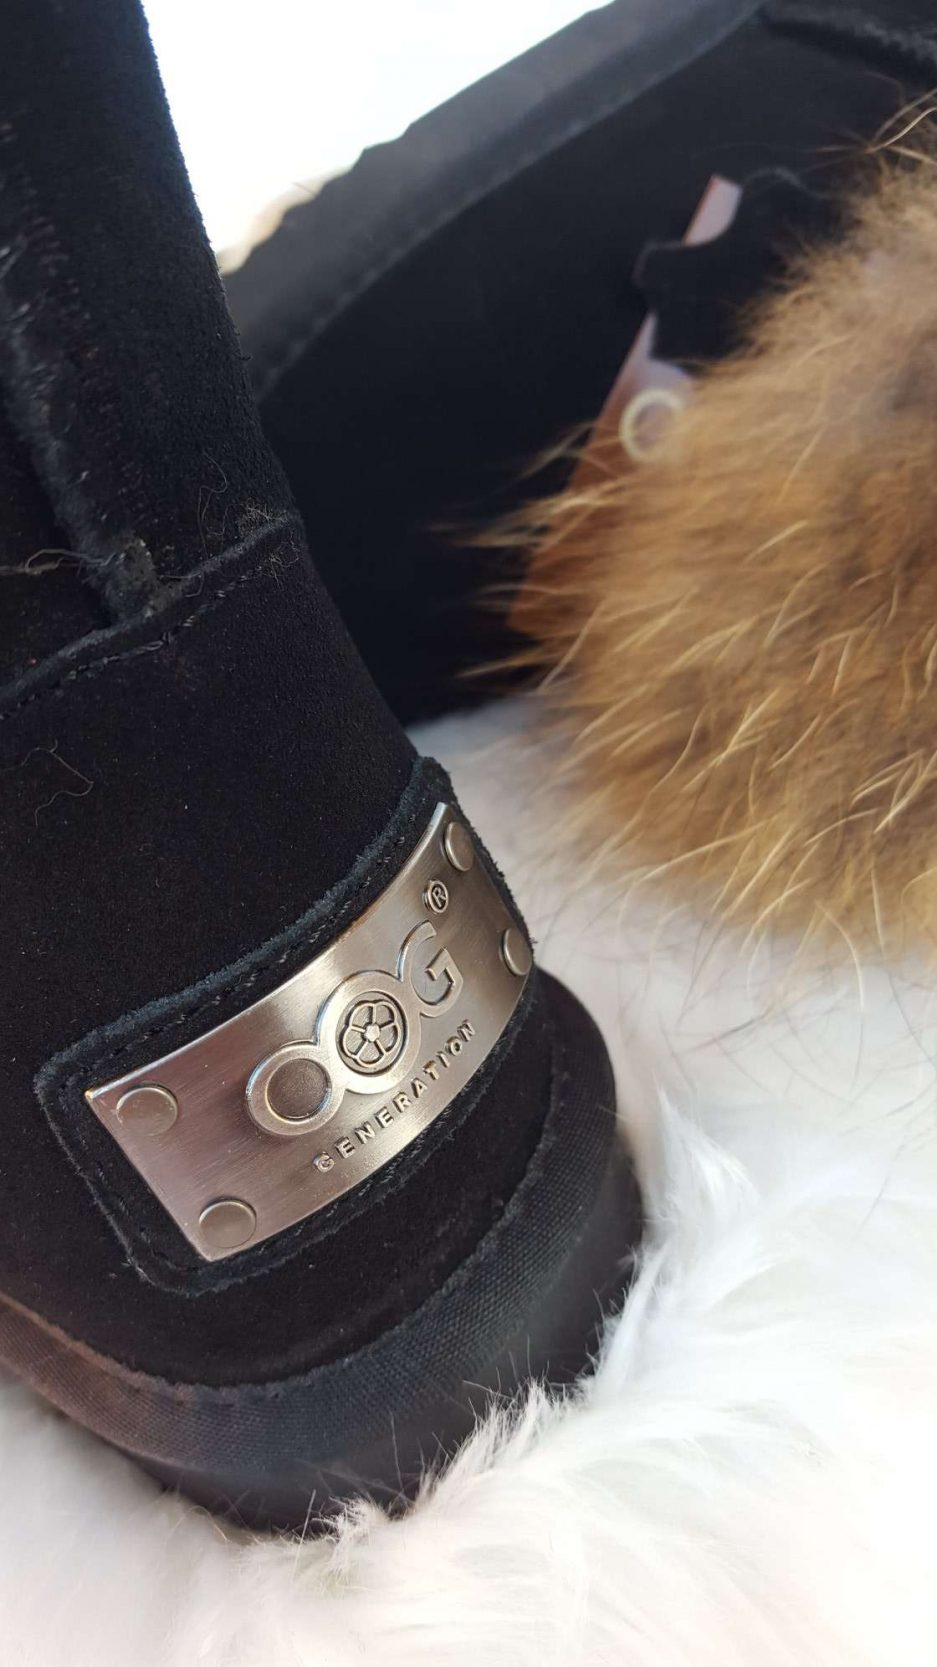 UGG ziemas apavi, sieviešu ziemas zābaki, puszābaki sievietēm